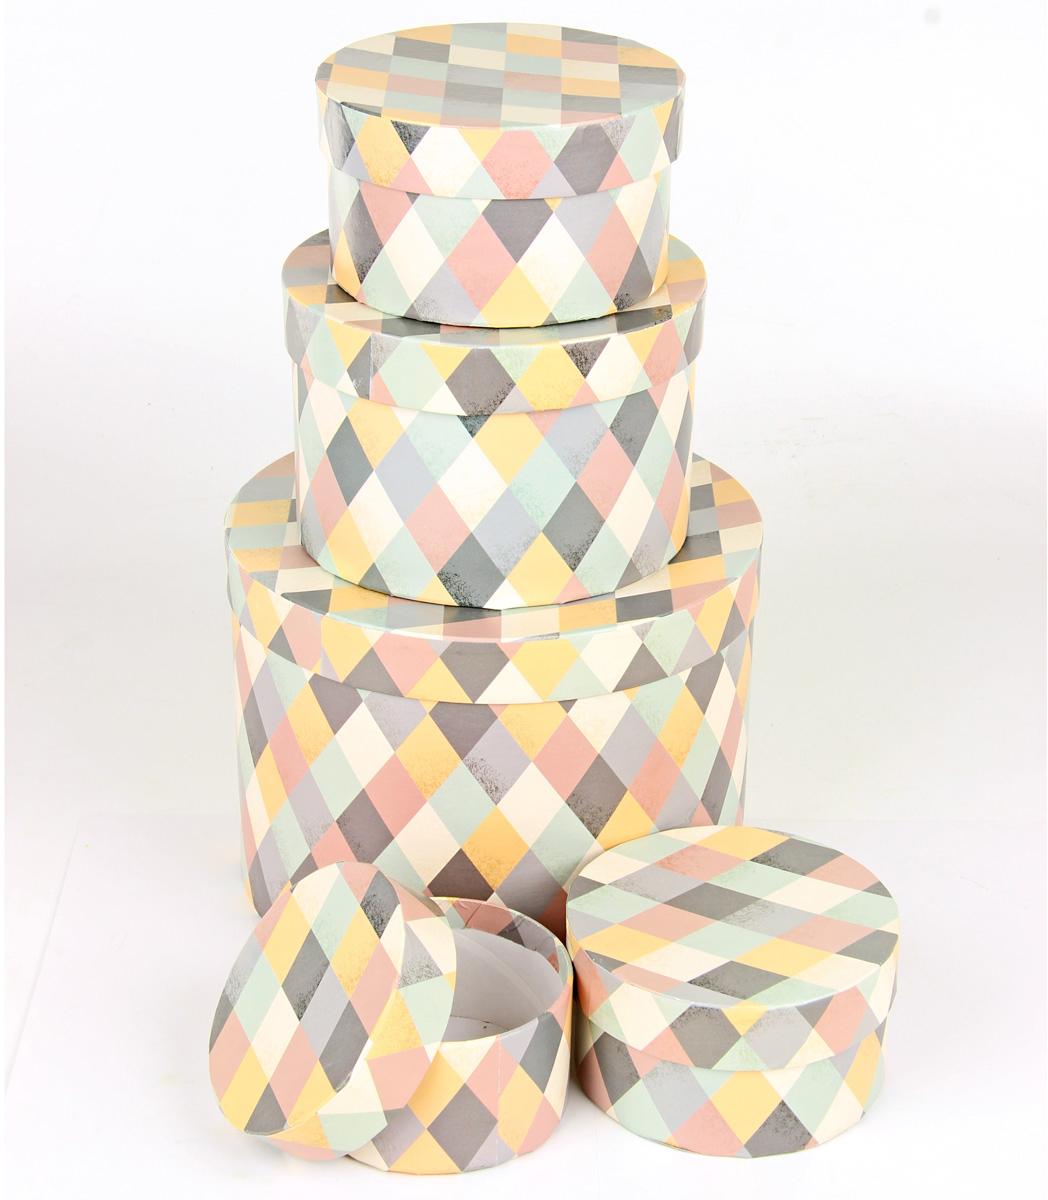 Набор подарочных коробок Veld-Co Пастельная мозаика, круглые, 5 шт. 67690 набор подарочных коробок veld co небесные музыканты круглые 4 шт